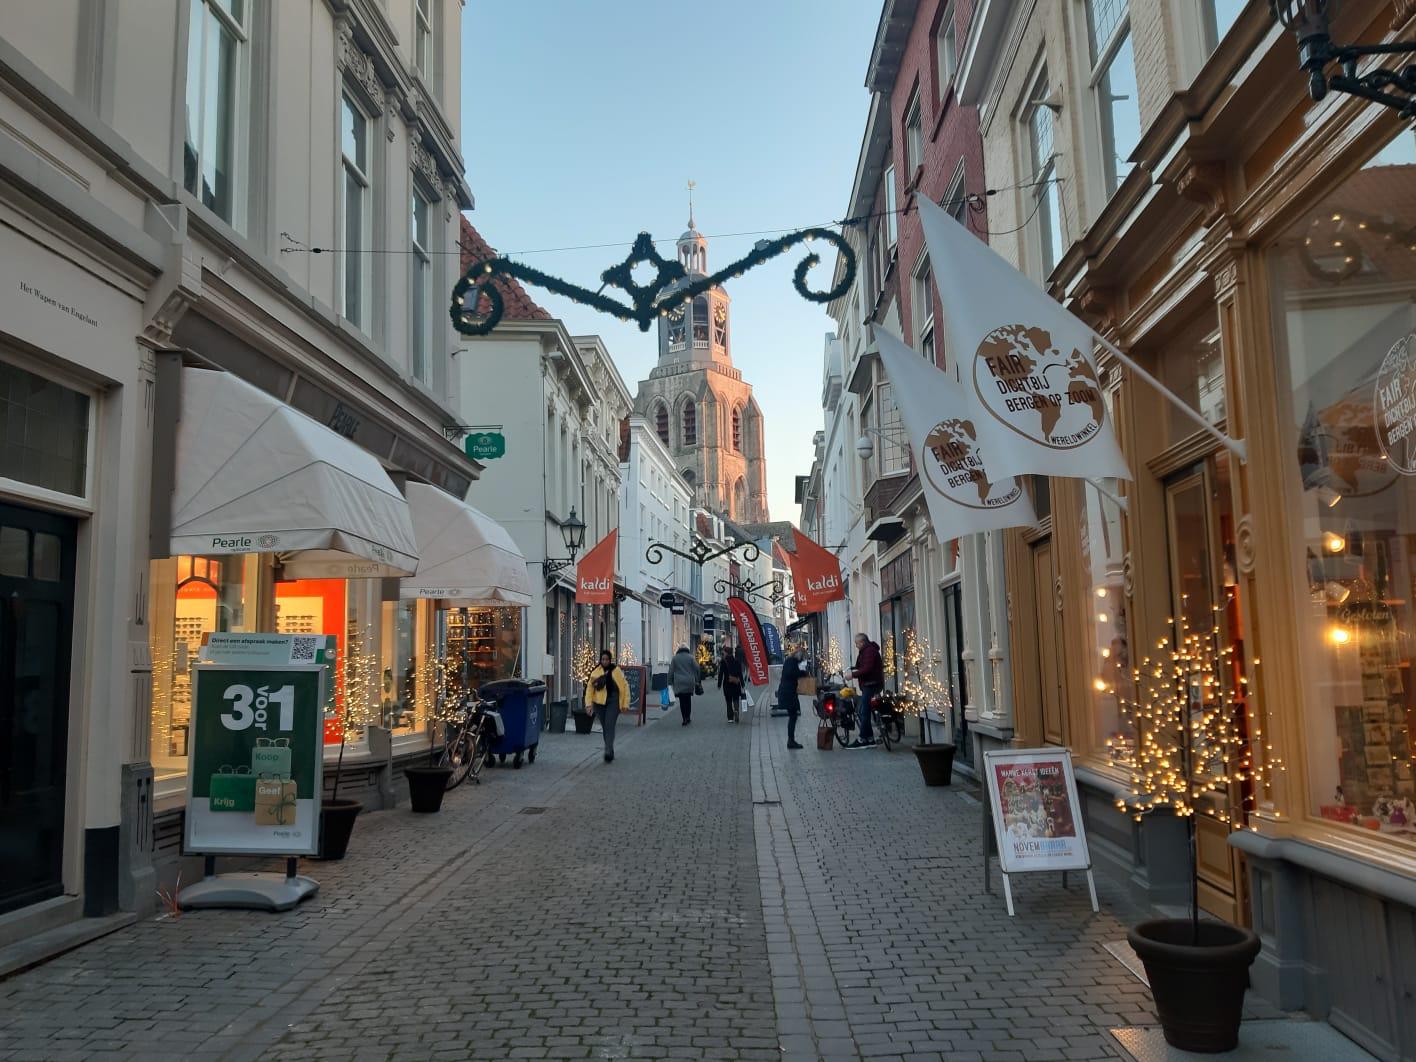 https://www.weeronline.nl/nieuws/29-11-2020-maandverwachting-weer-december kremerstraat vierkantje kerst kerstmis kerstversiering peperbus kaldi